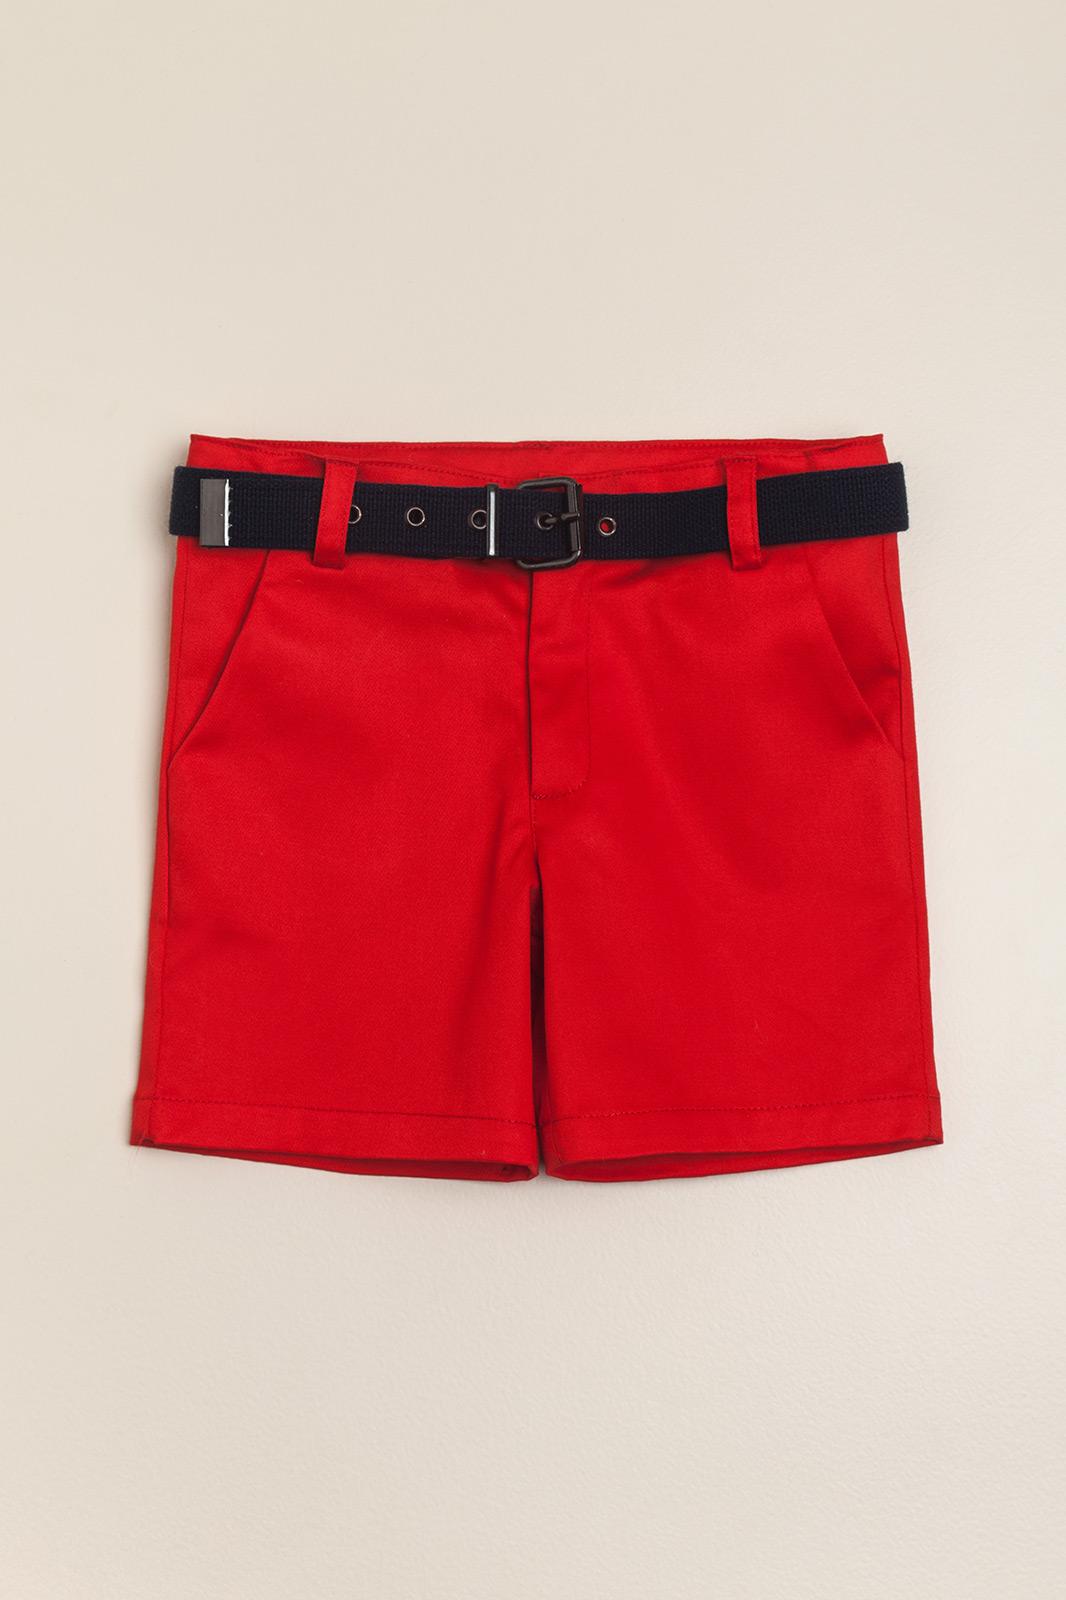 Bermuda roja con cinturon